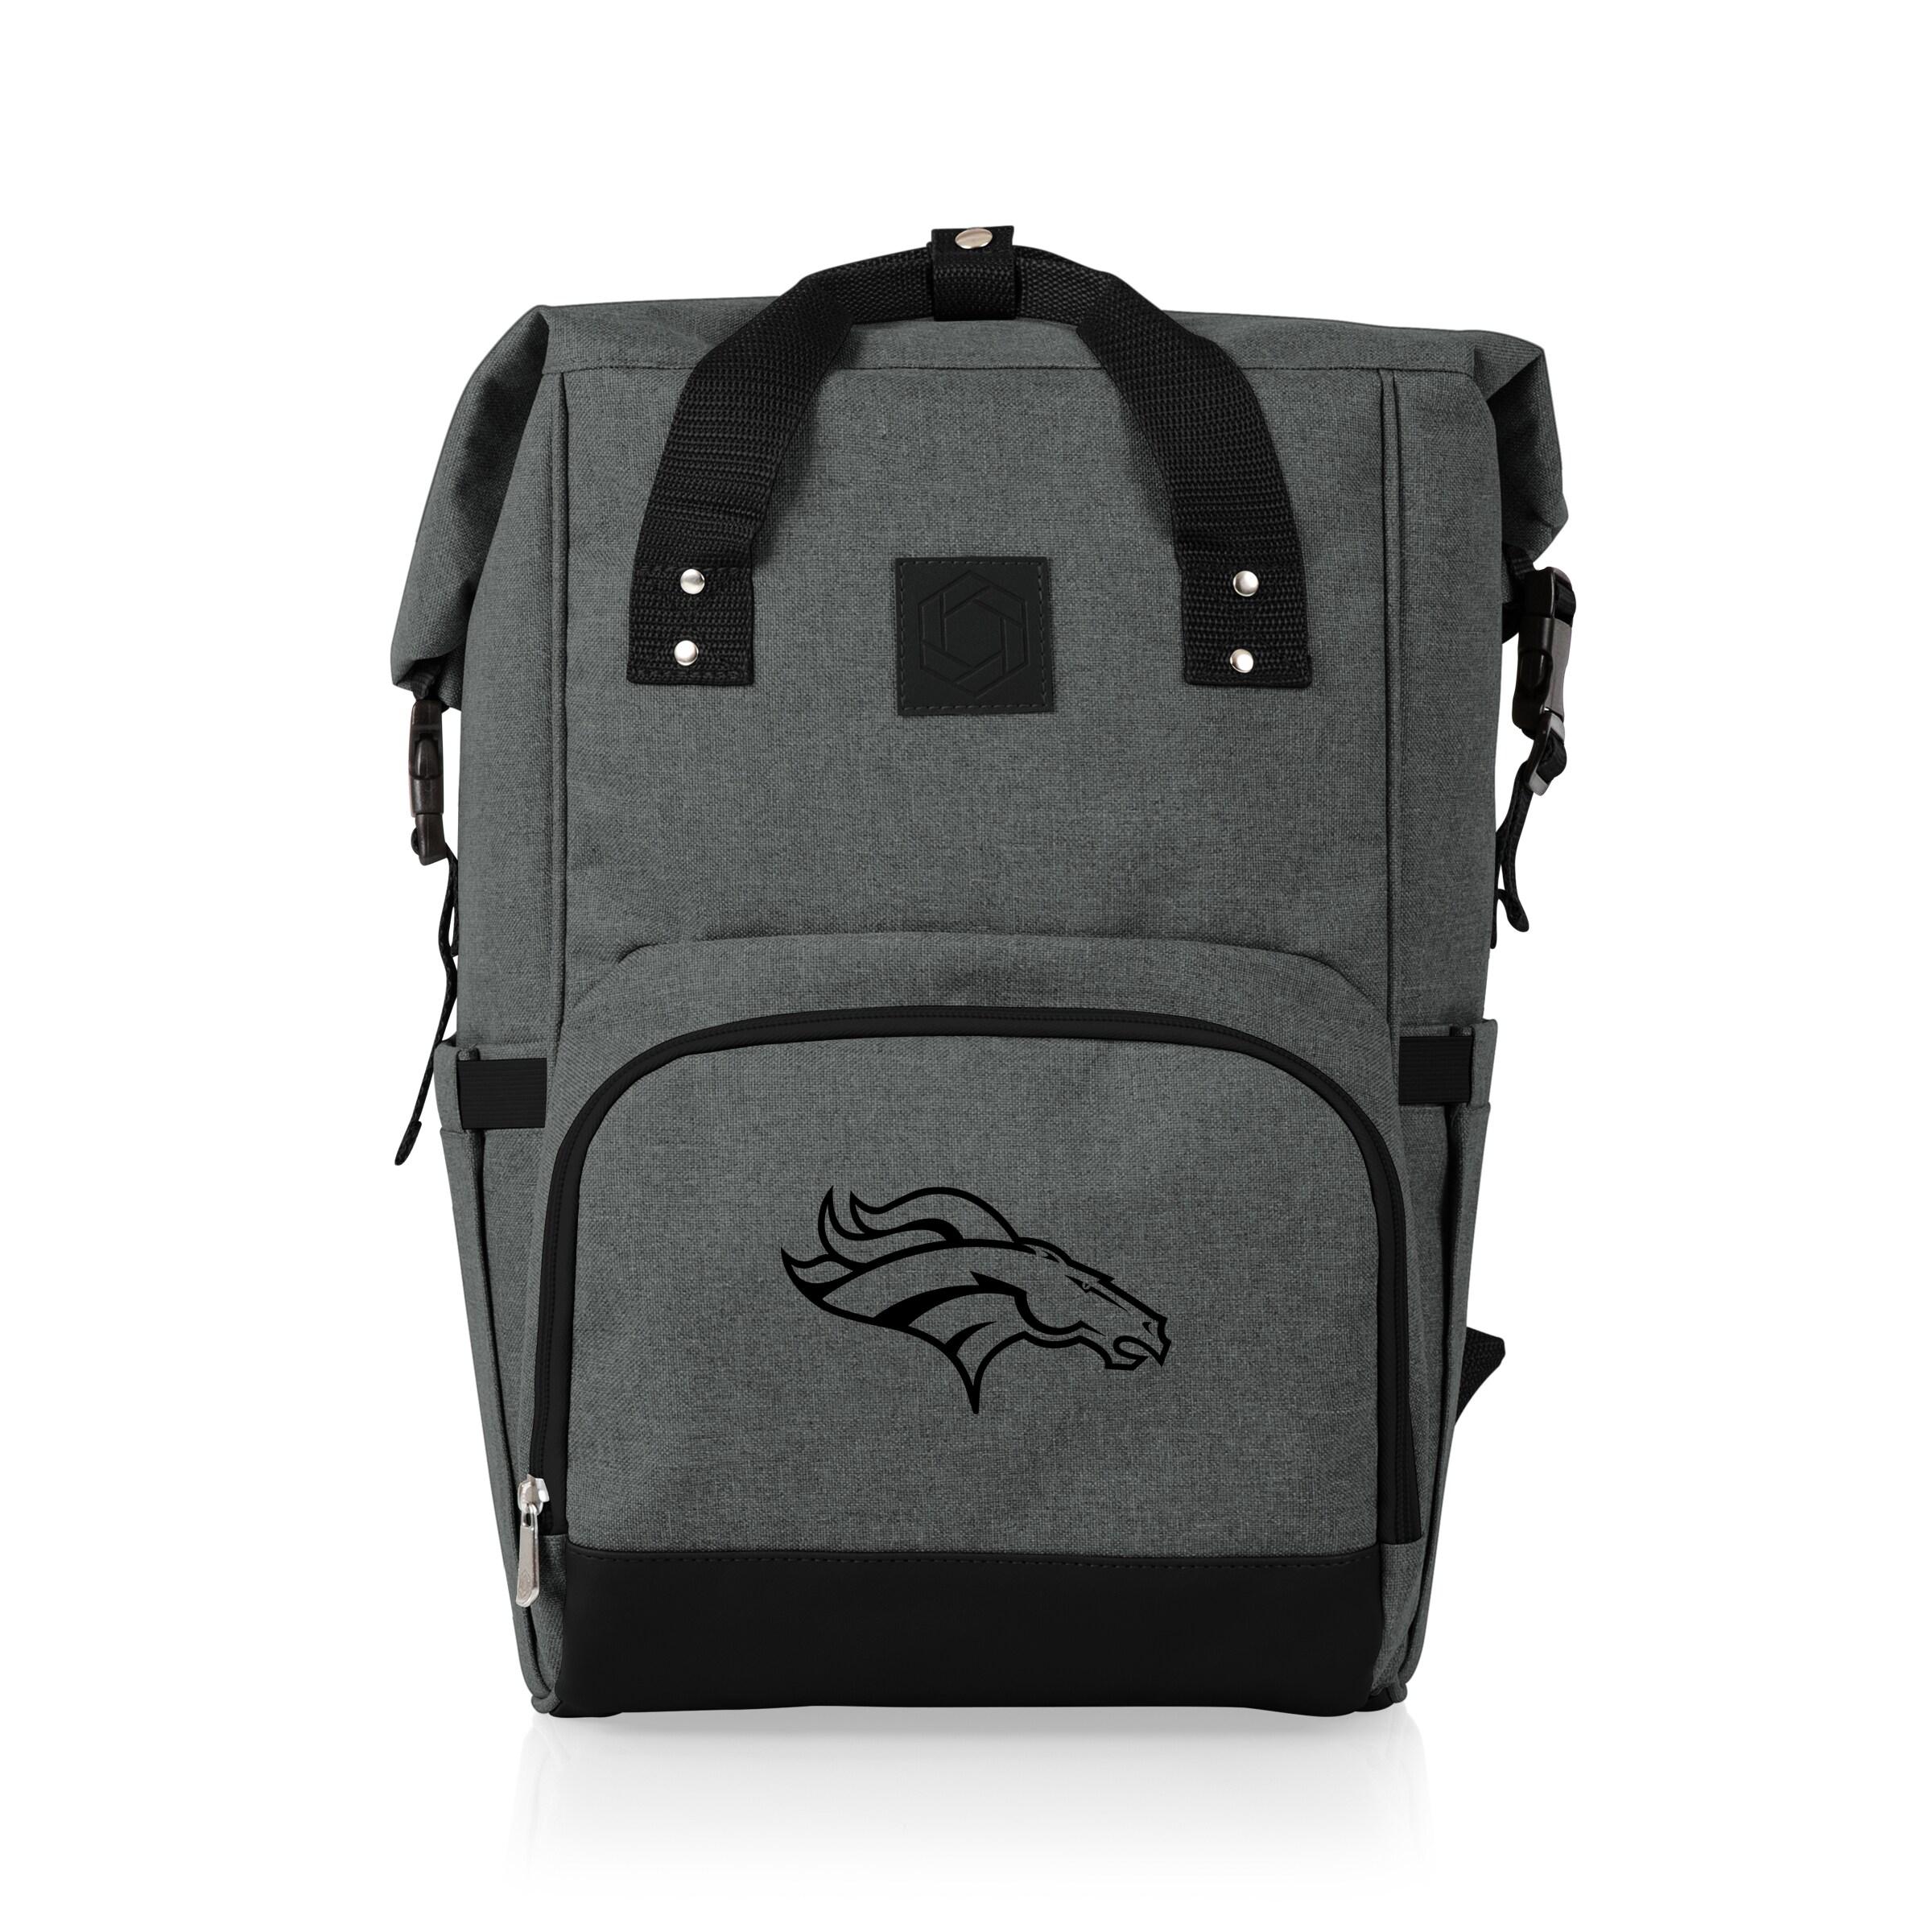 Denver Broncos Backpack - Gray